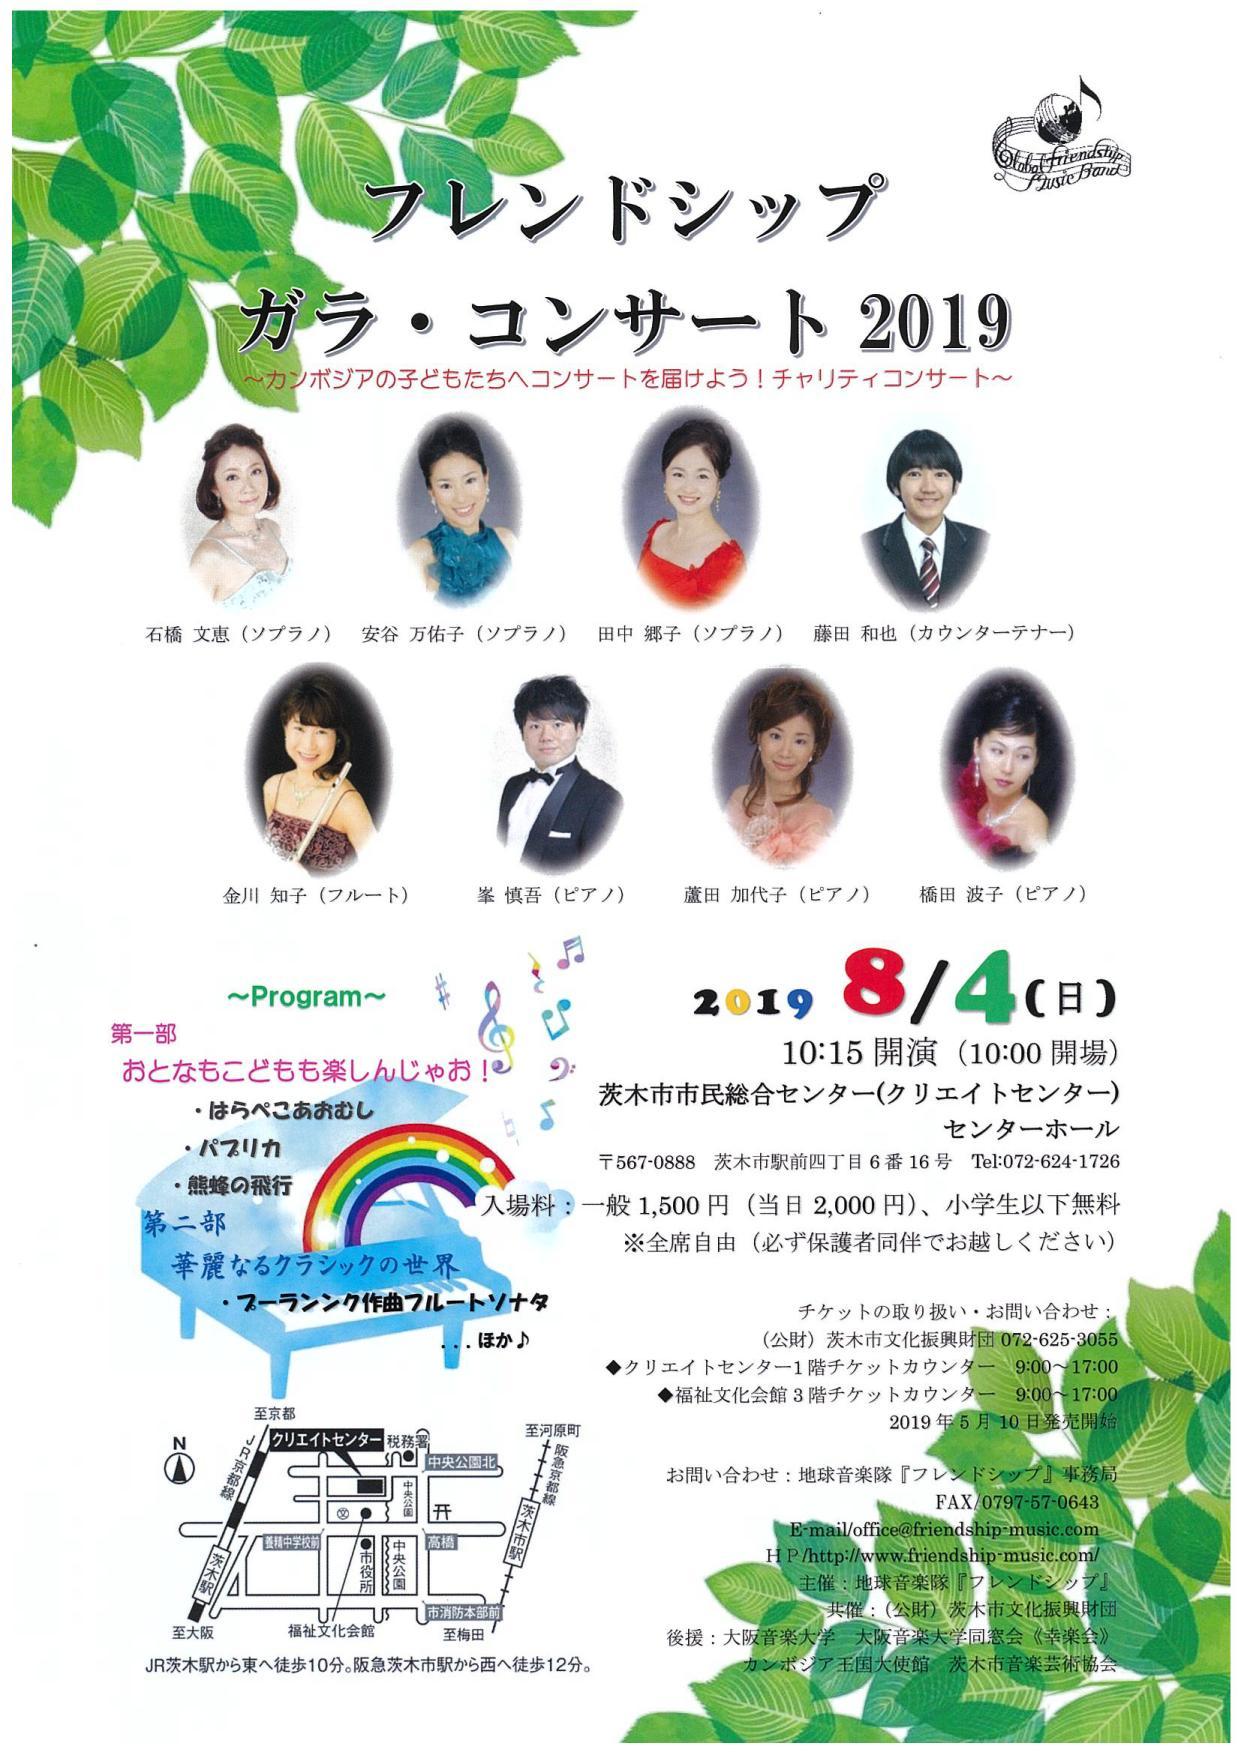 フレンドシップ ガラ・コンサート2019